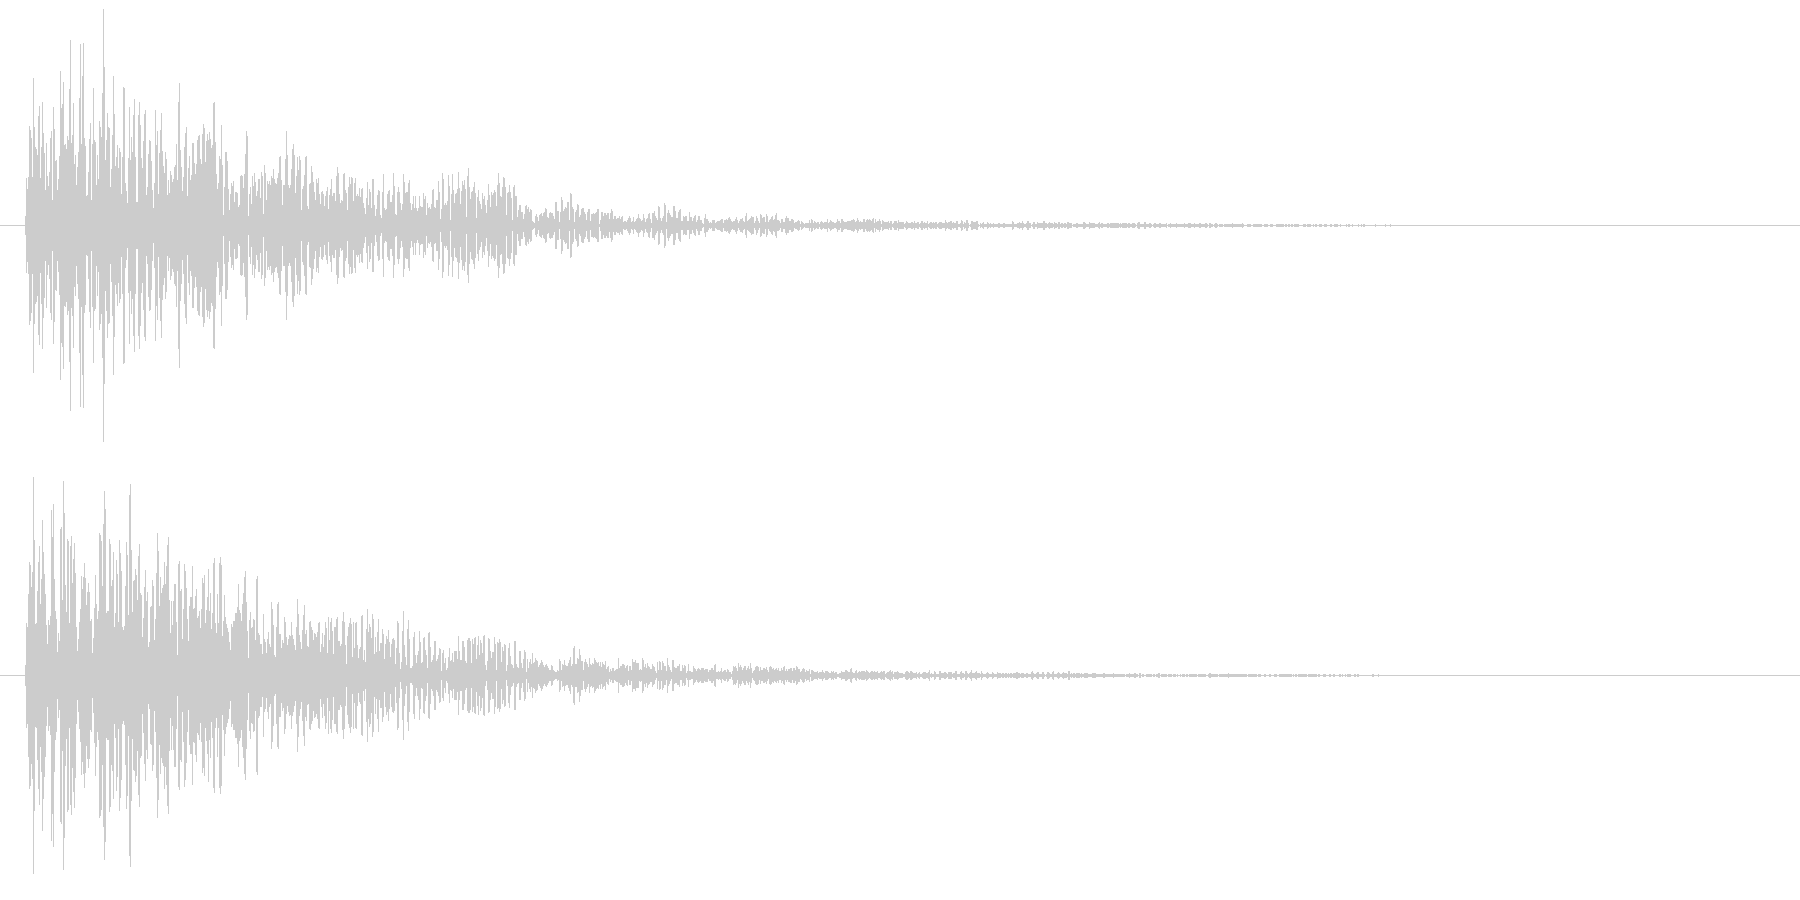 ダーン(低音・映画予告・衝撃音)の未再生の波形